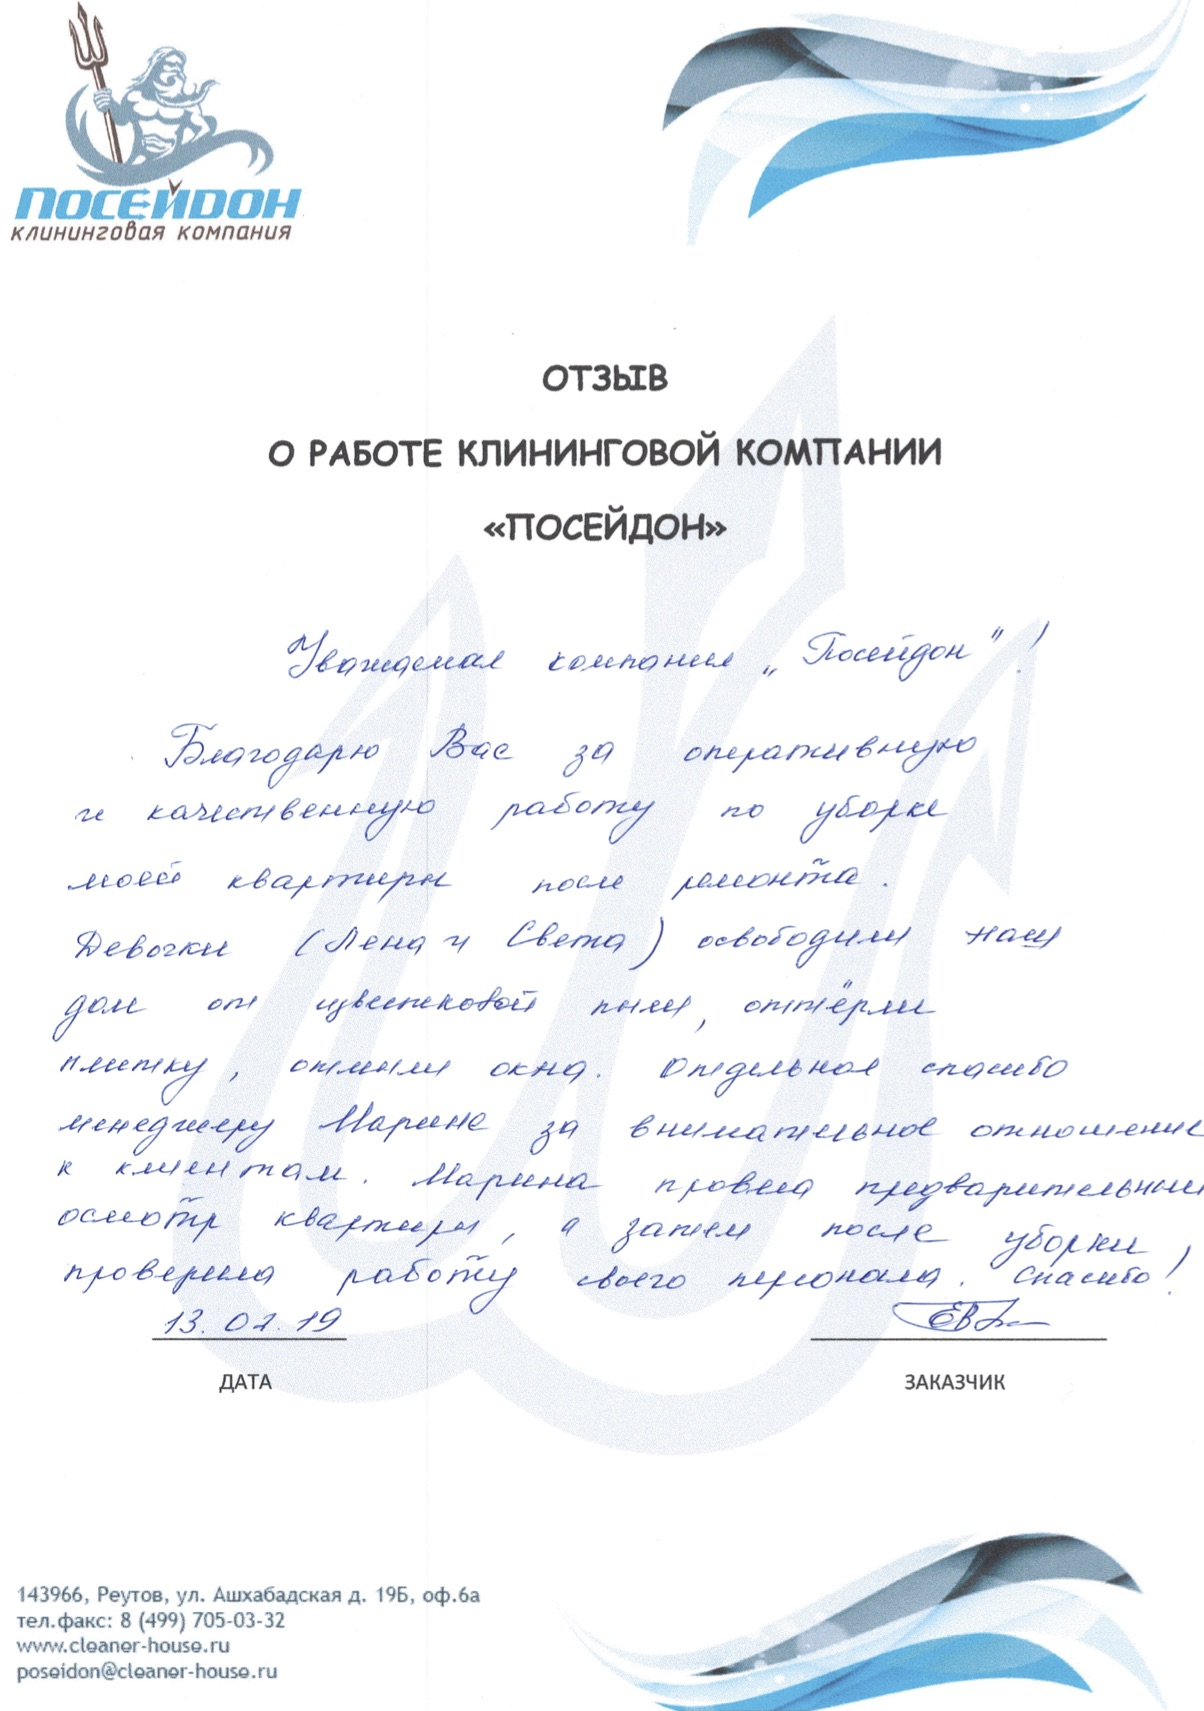 Клининговая компания и отзыв об уборке №416965